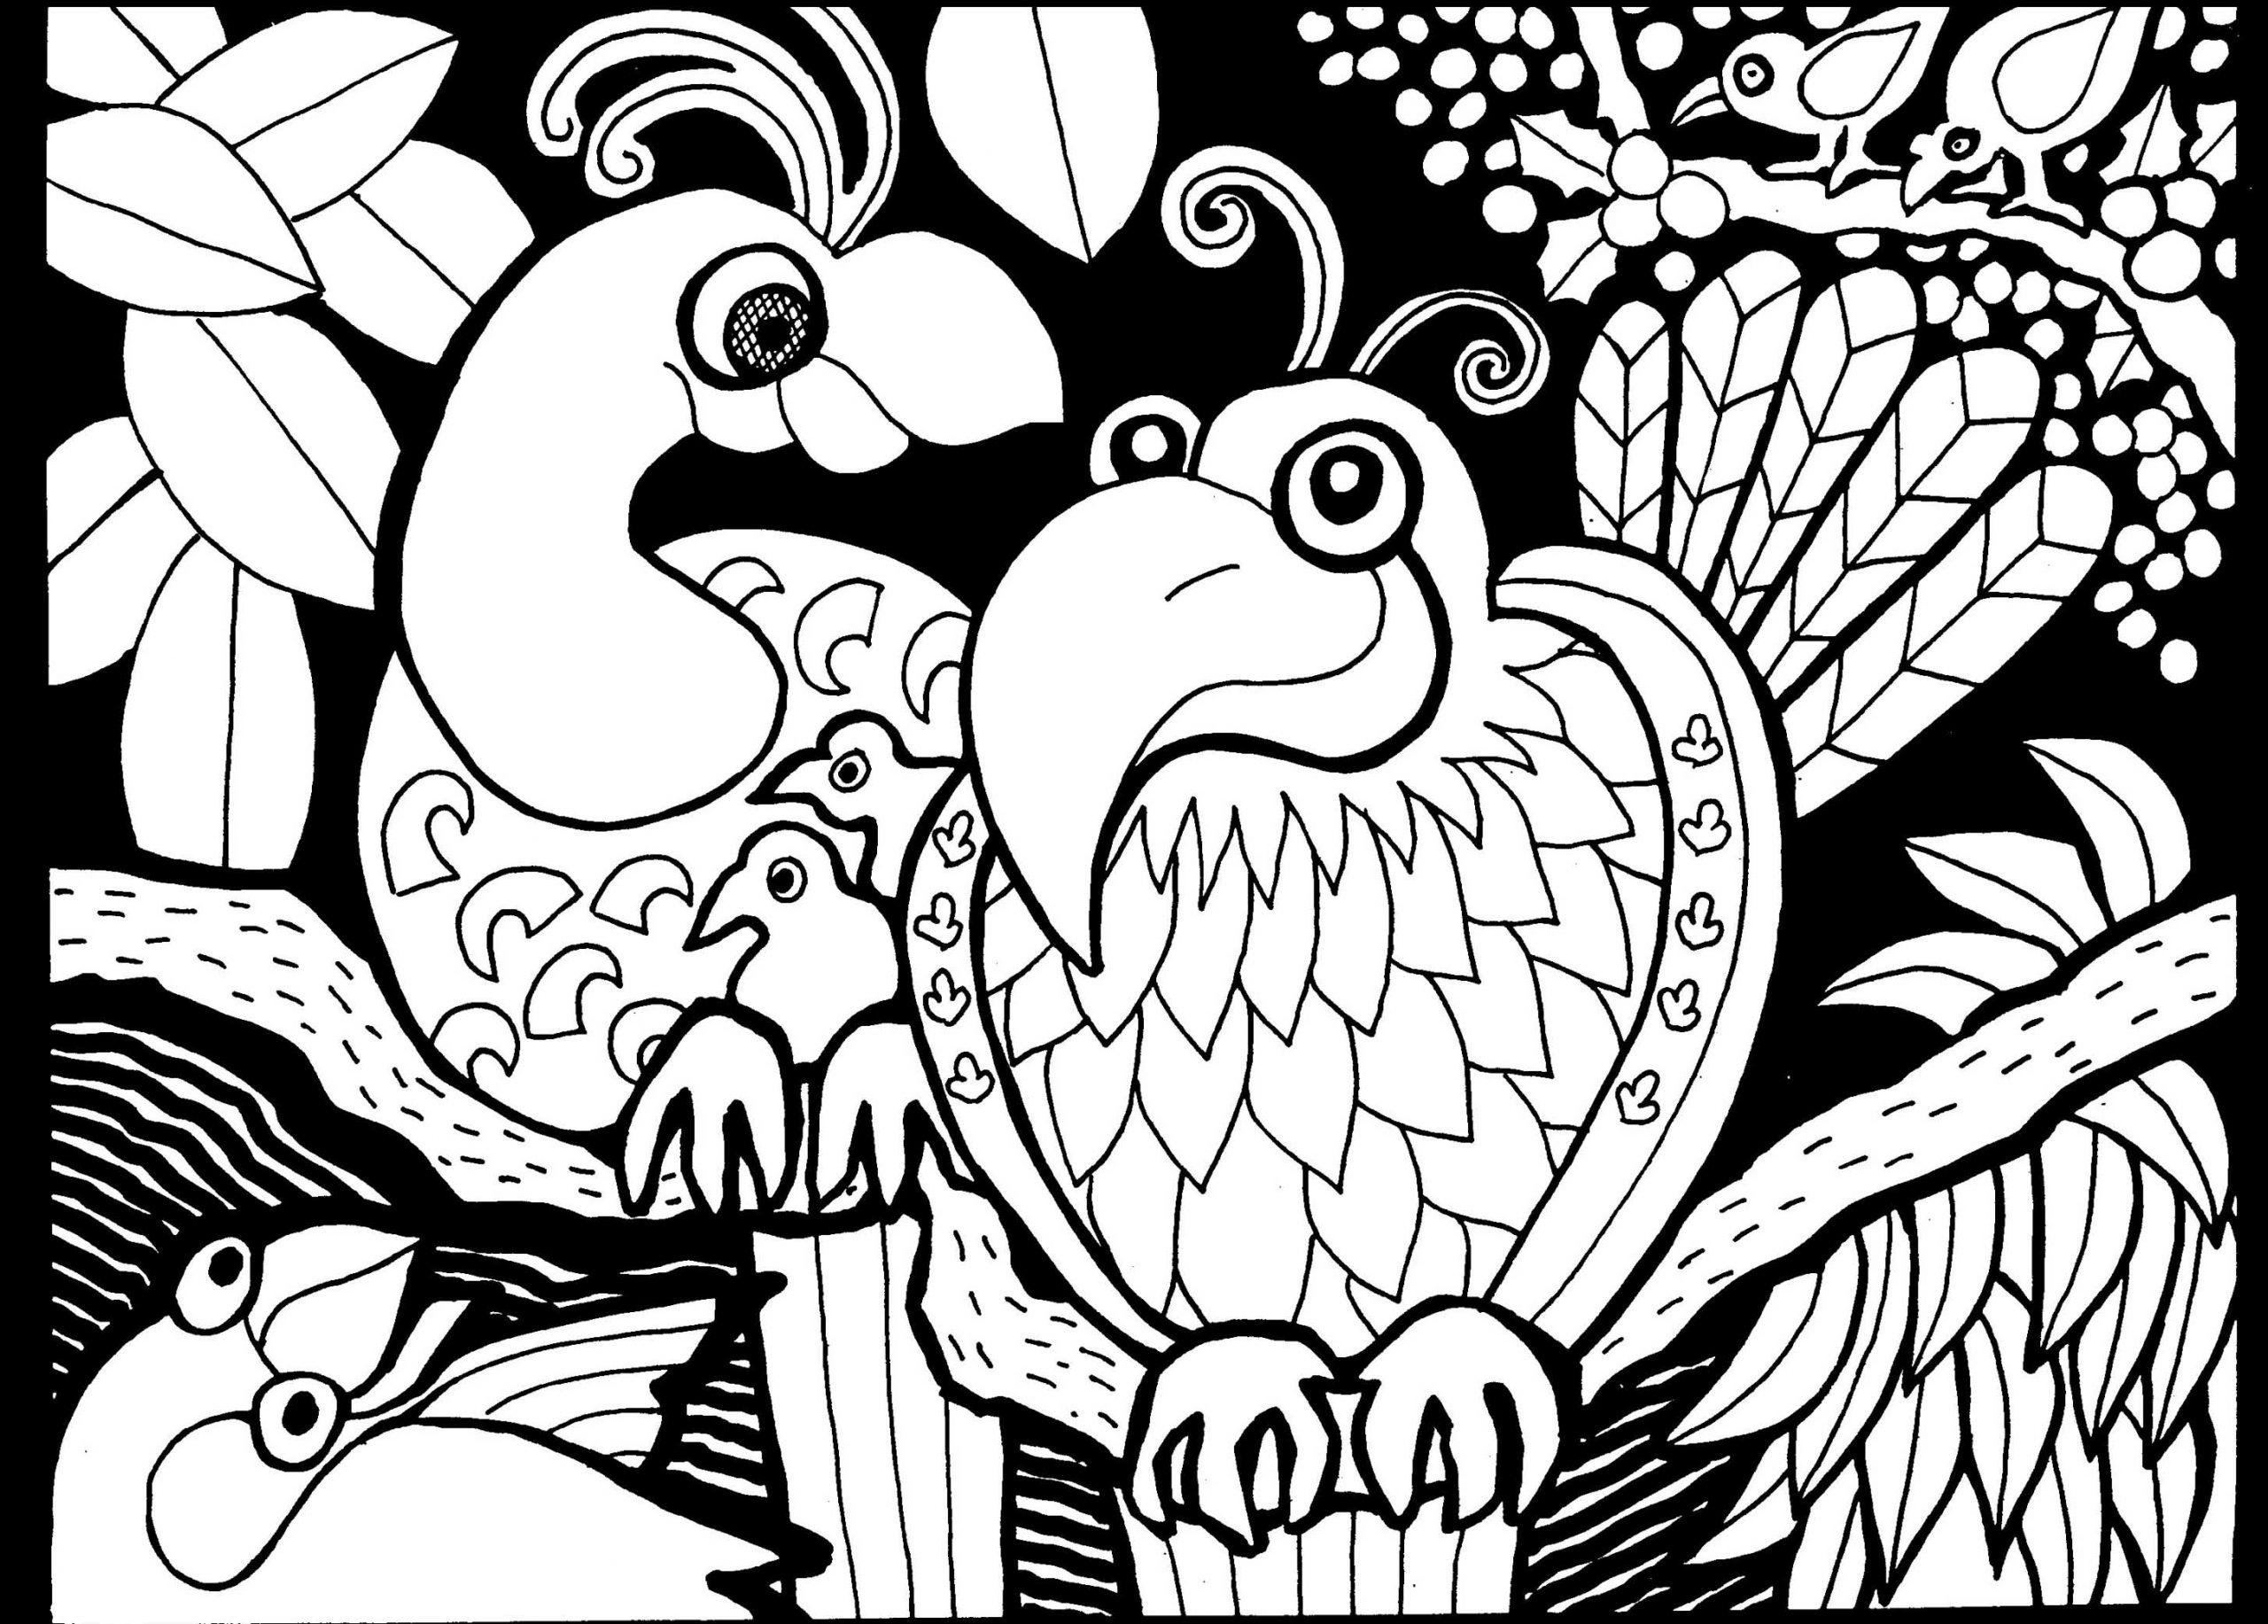 Afrique Dessin Oiseaux - Afrique - Coloriages Difficiles à Dessin Africain A Colorier